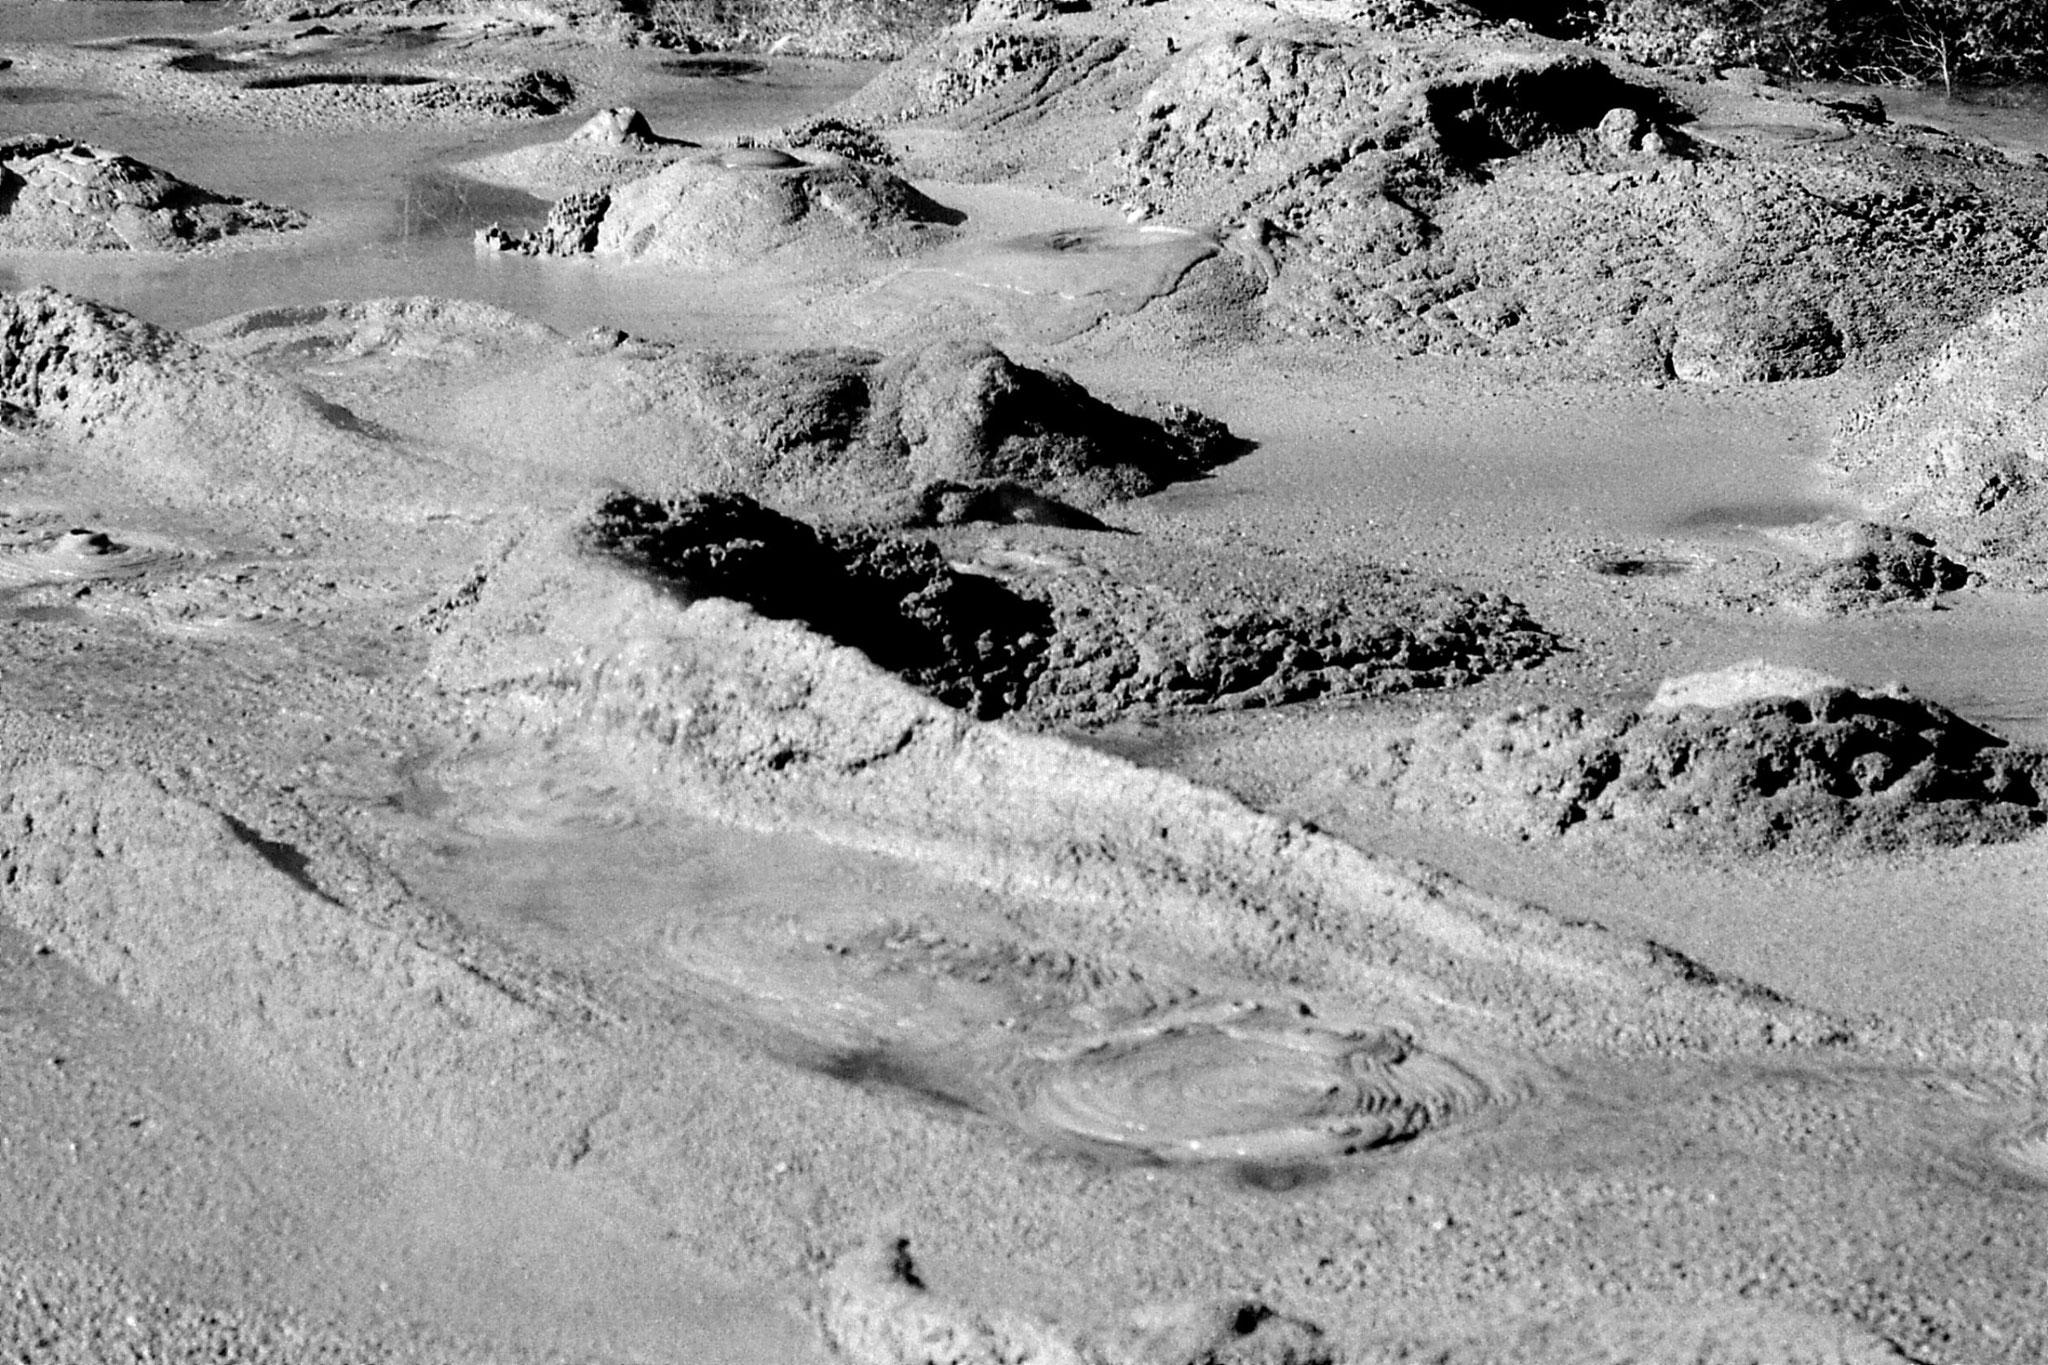 31/8/1990: 14: Rotorua mud pool